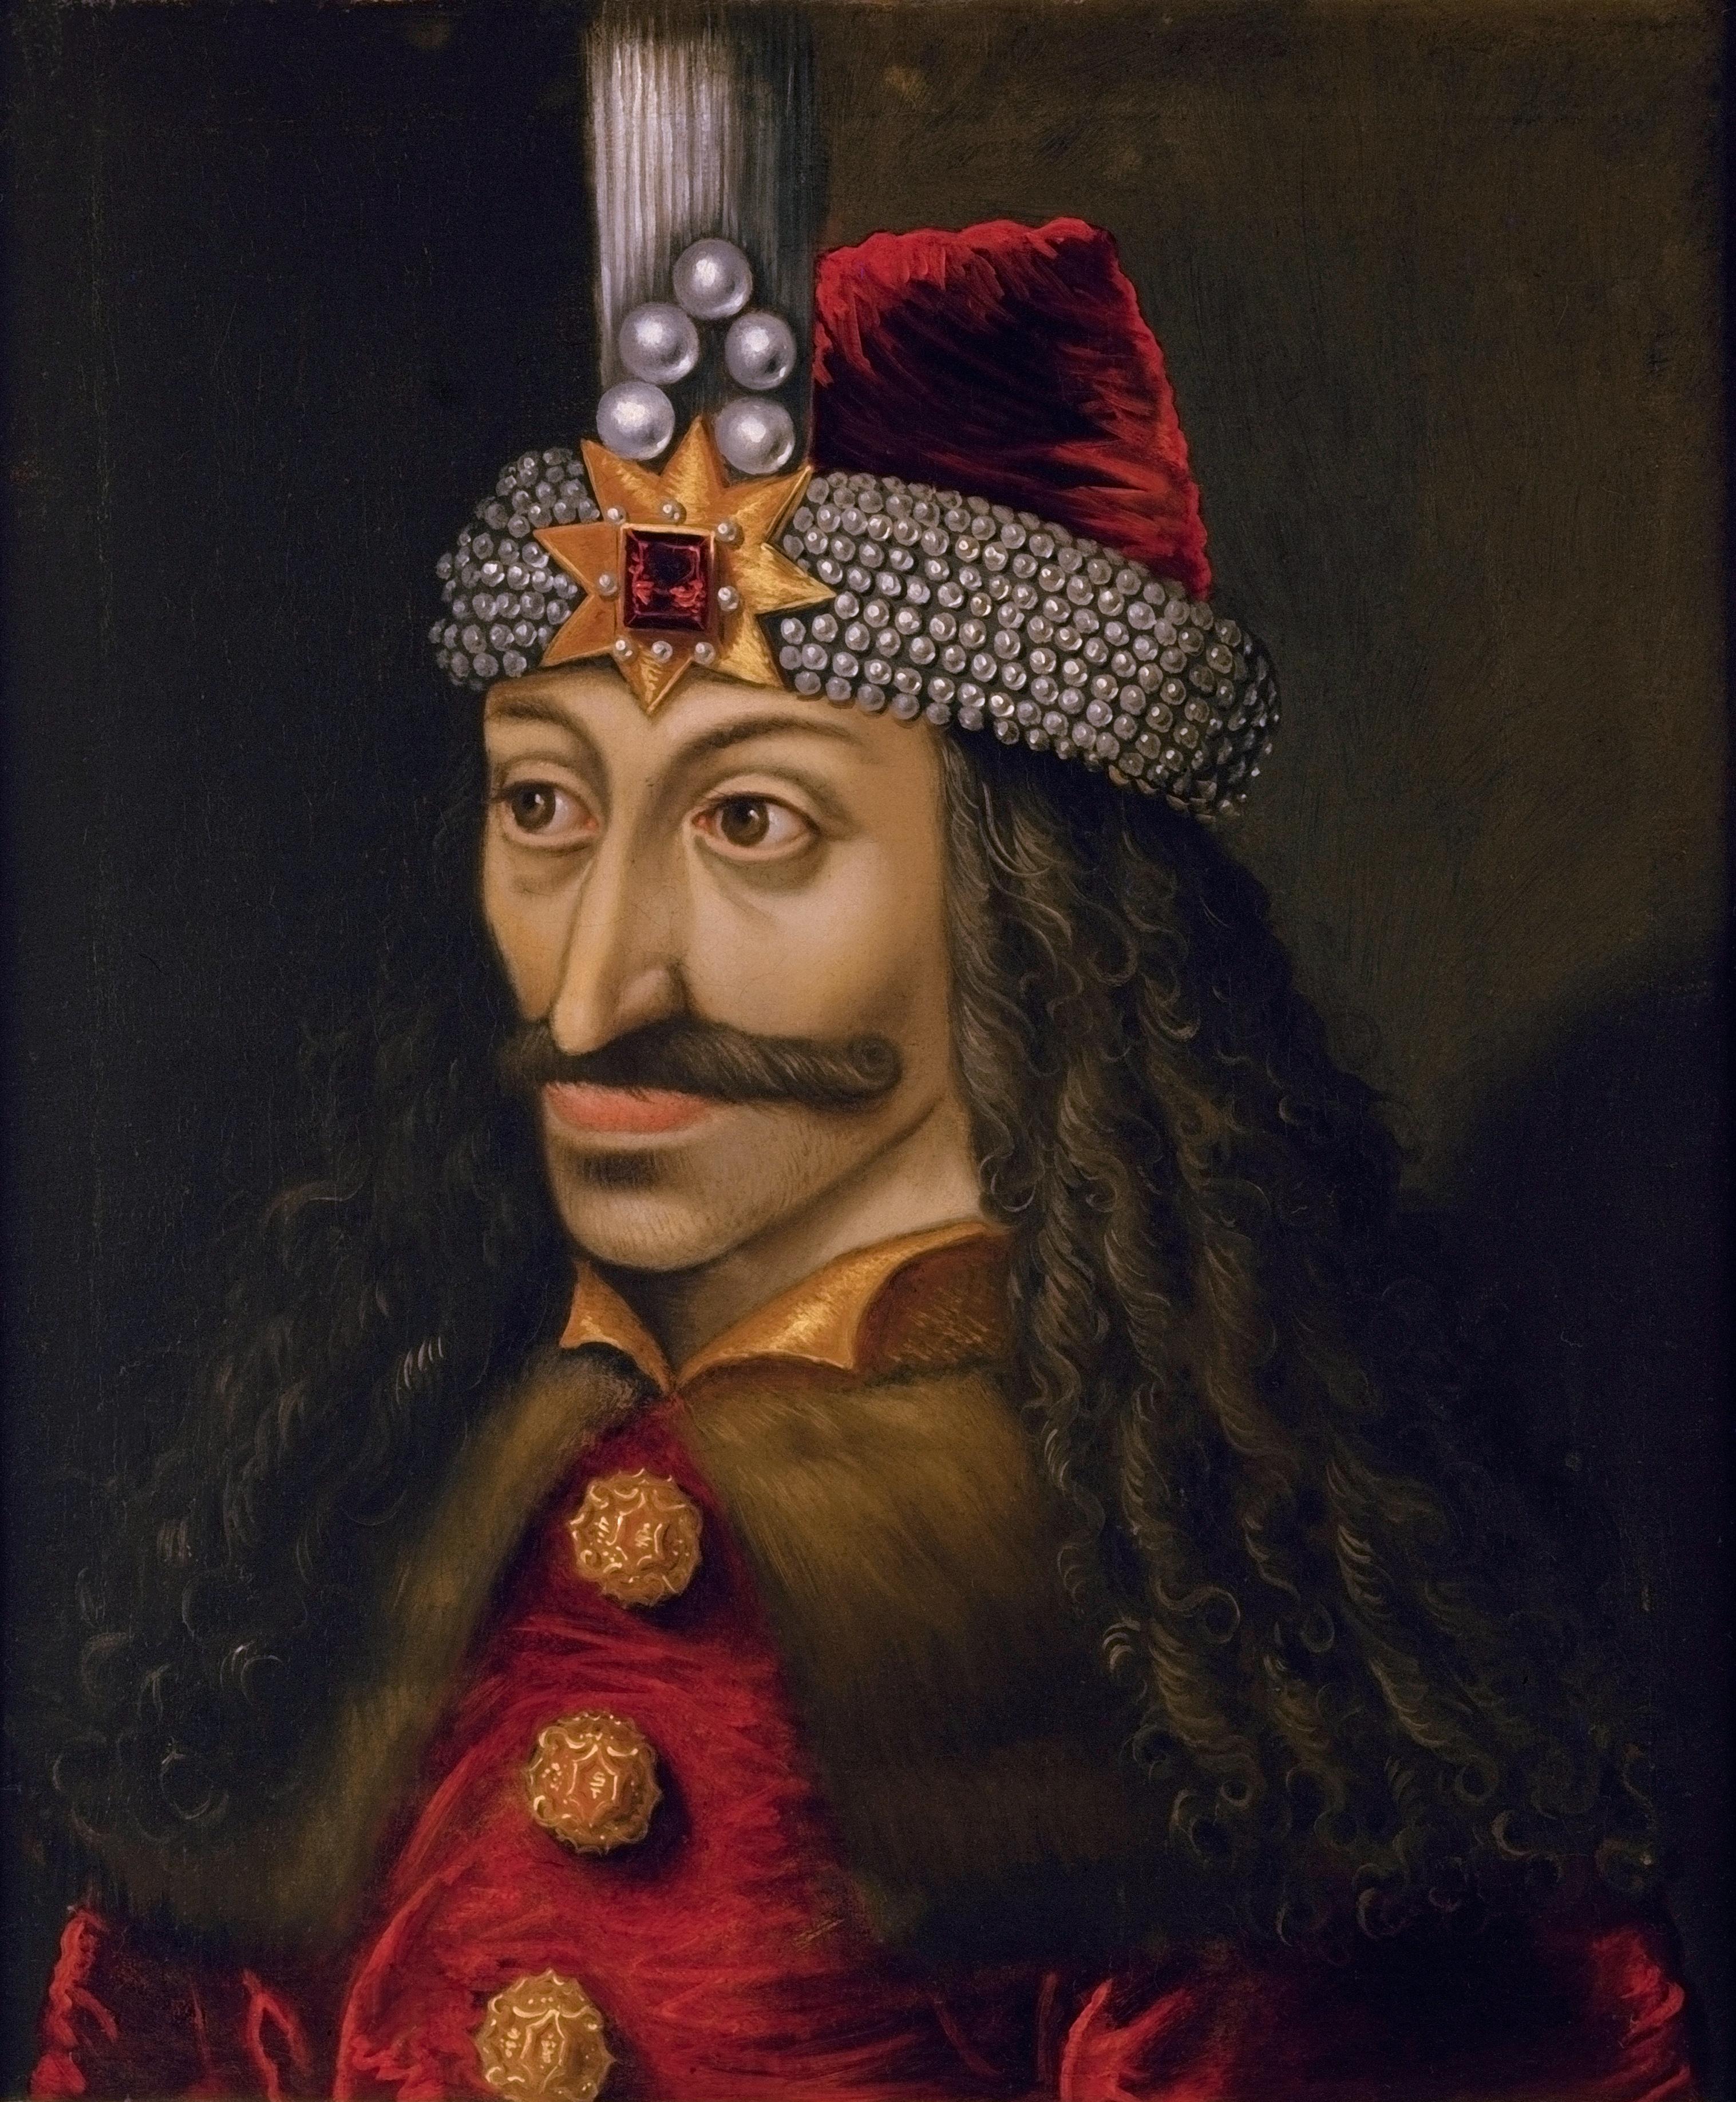 Depiction of Vlad Tepes